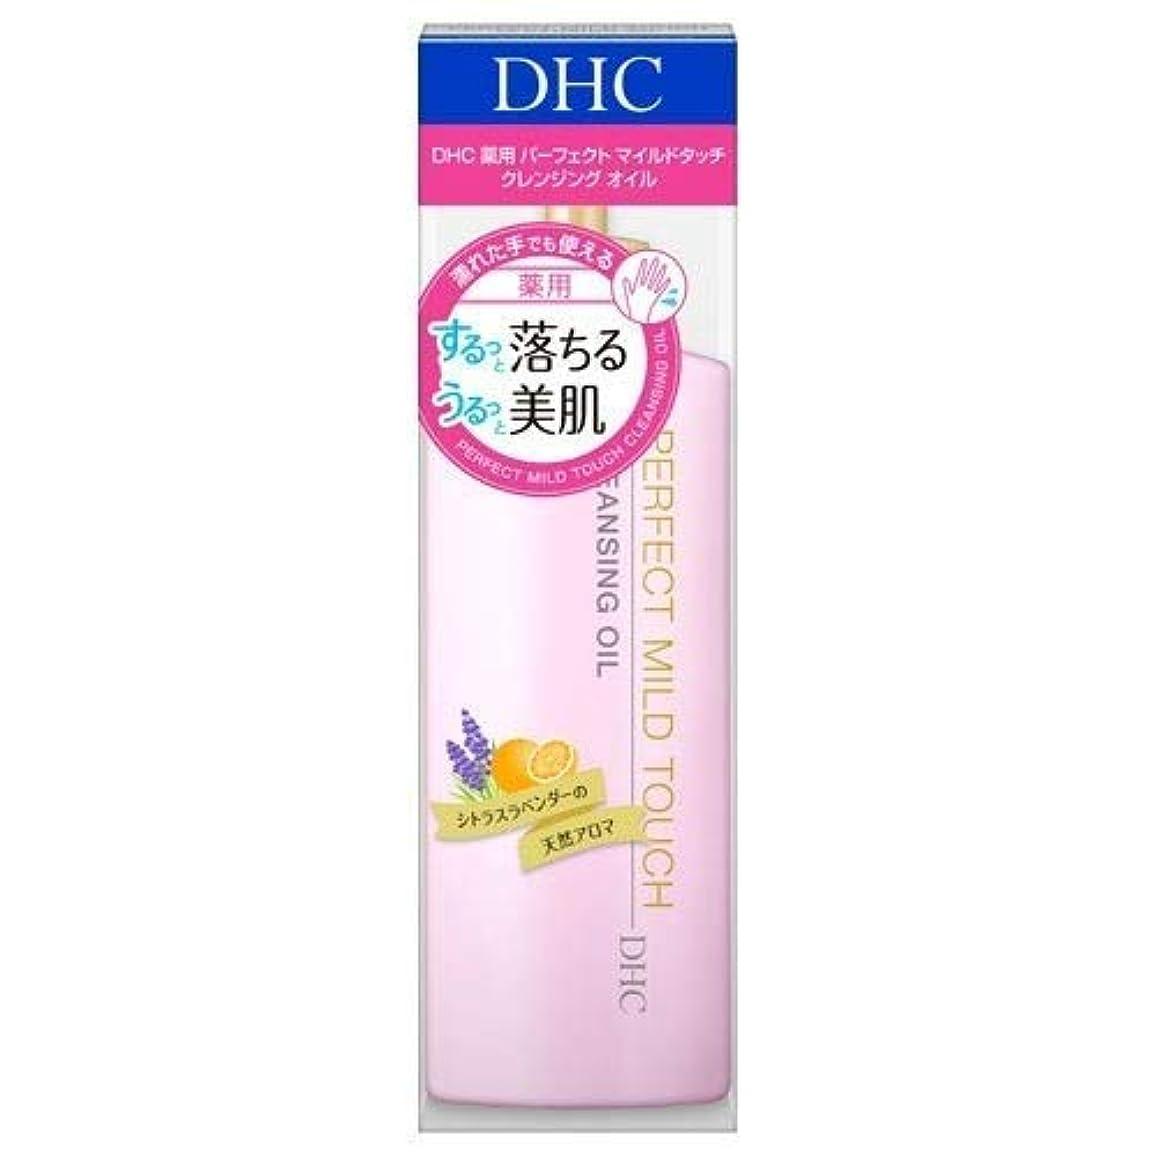 あらゆる種類のあなたのもの急ぐDHC 薬用パーフェクトマイルドタッチクレンジングオイル 195ml × 30個セット